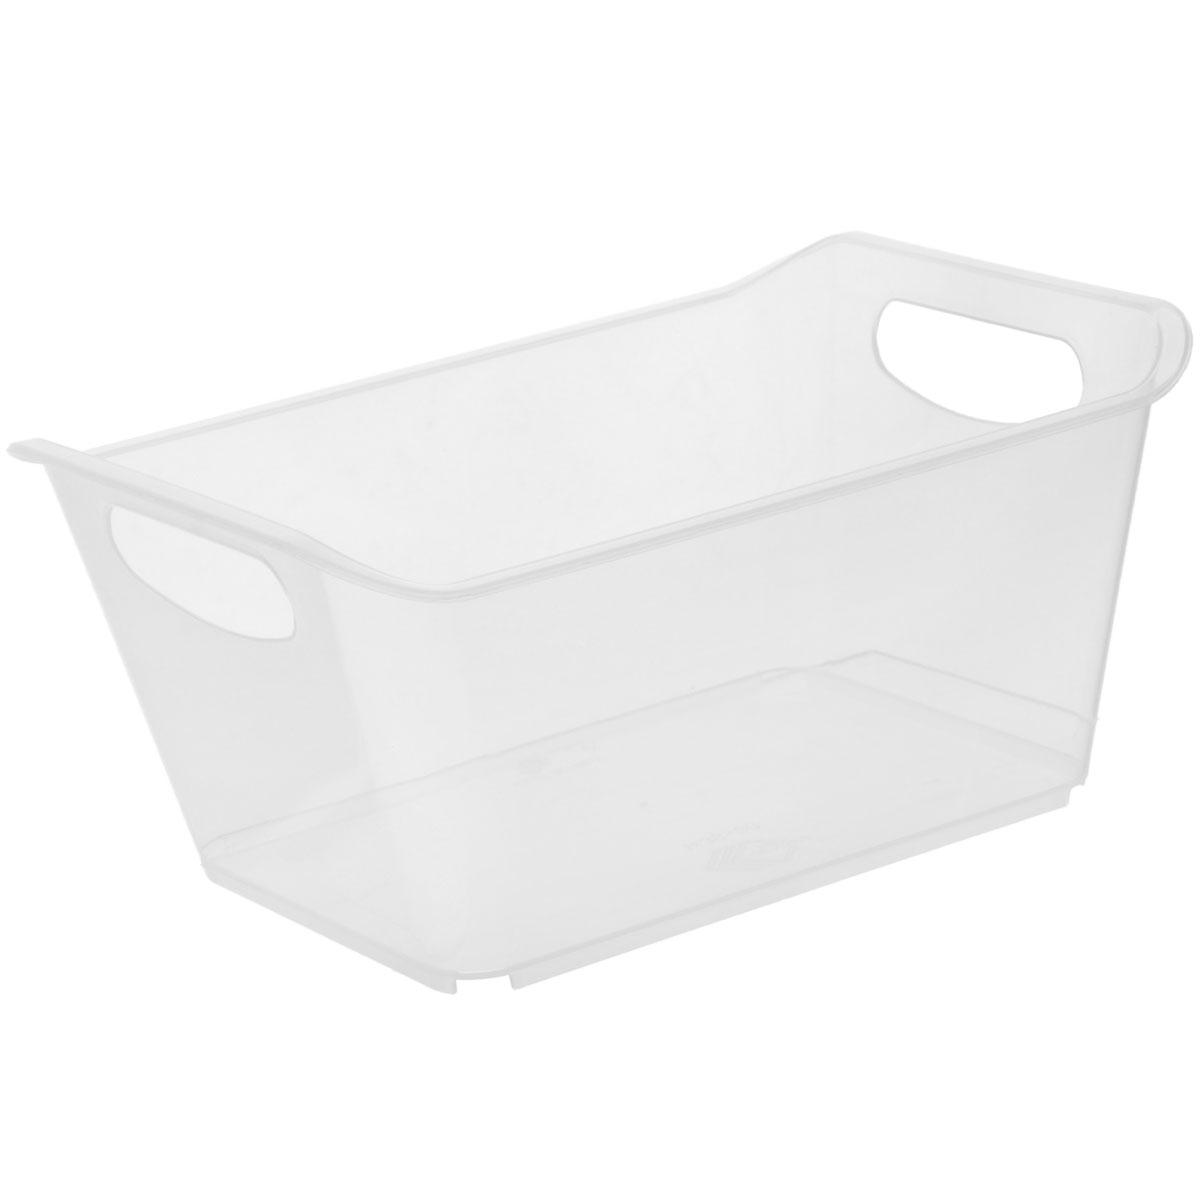 Контейнер Gensini, цвет: прозрачный, 1,5 лUP210DFКонтейнер Gensini выполнен из прочного пластика. Он предназначен для хранения различных мелких вещей в ванной, на кухне, даче или гараже, исключая возможность их потери. По бокам контейнера предусмотрены две удобные ручки для его переноски.Контейнер поможет хранить все в одном месте, а также защитить вещи от пыли, грязи и влаги. Объем: 1,5 л.